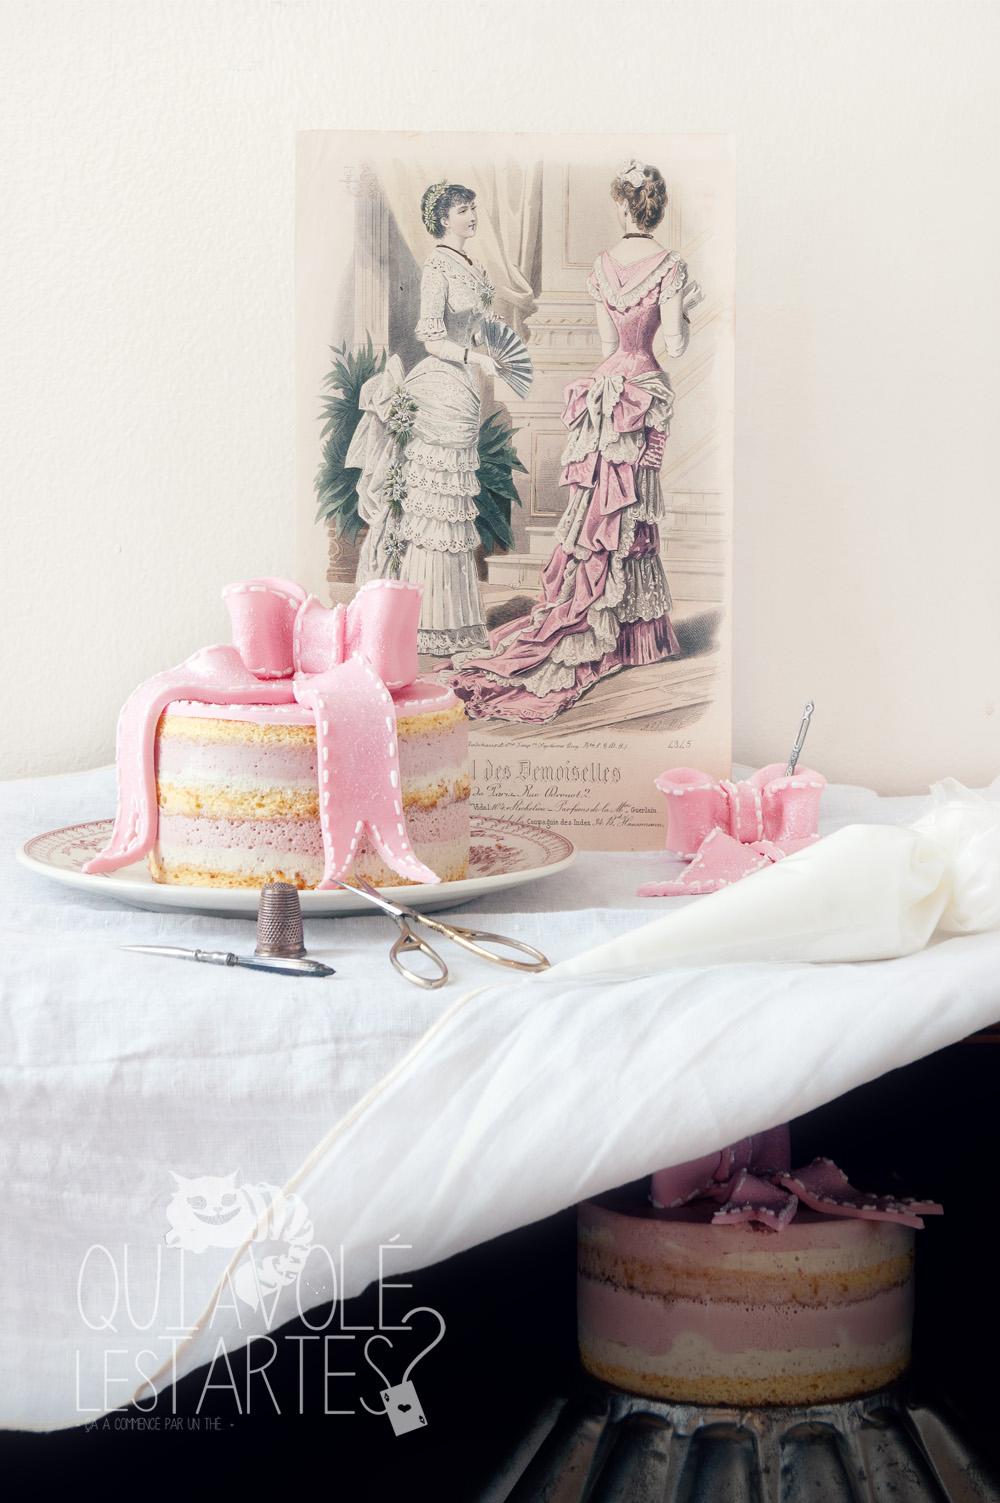 Charlotte couture en layer cake 2 - studio de création - Qui a volé les tartes